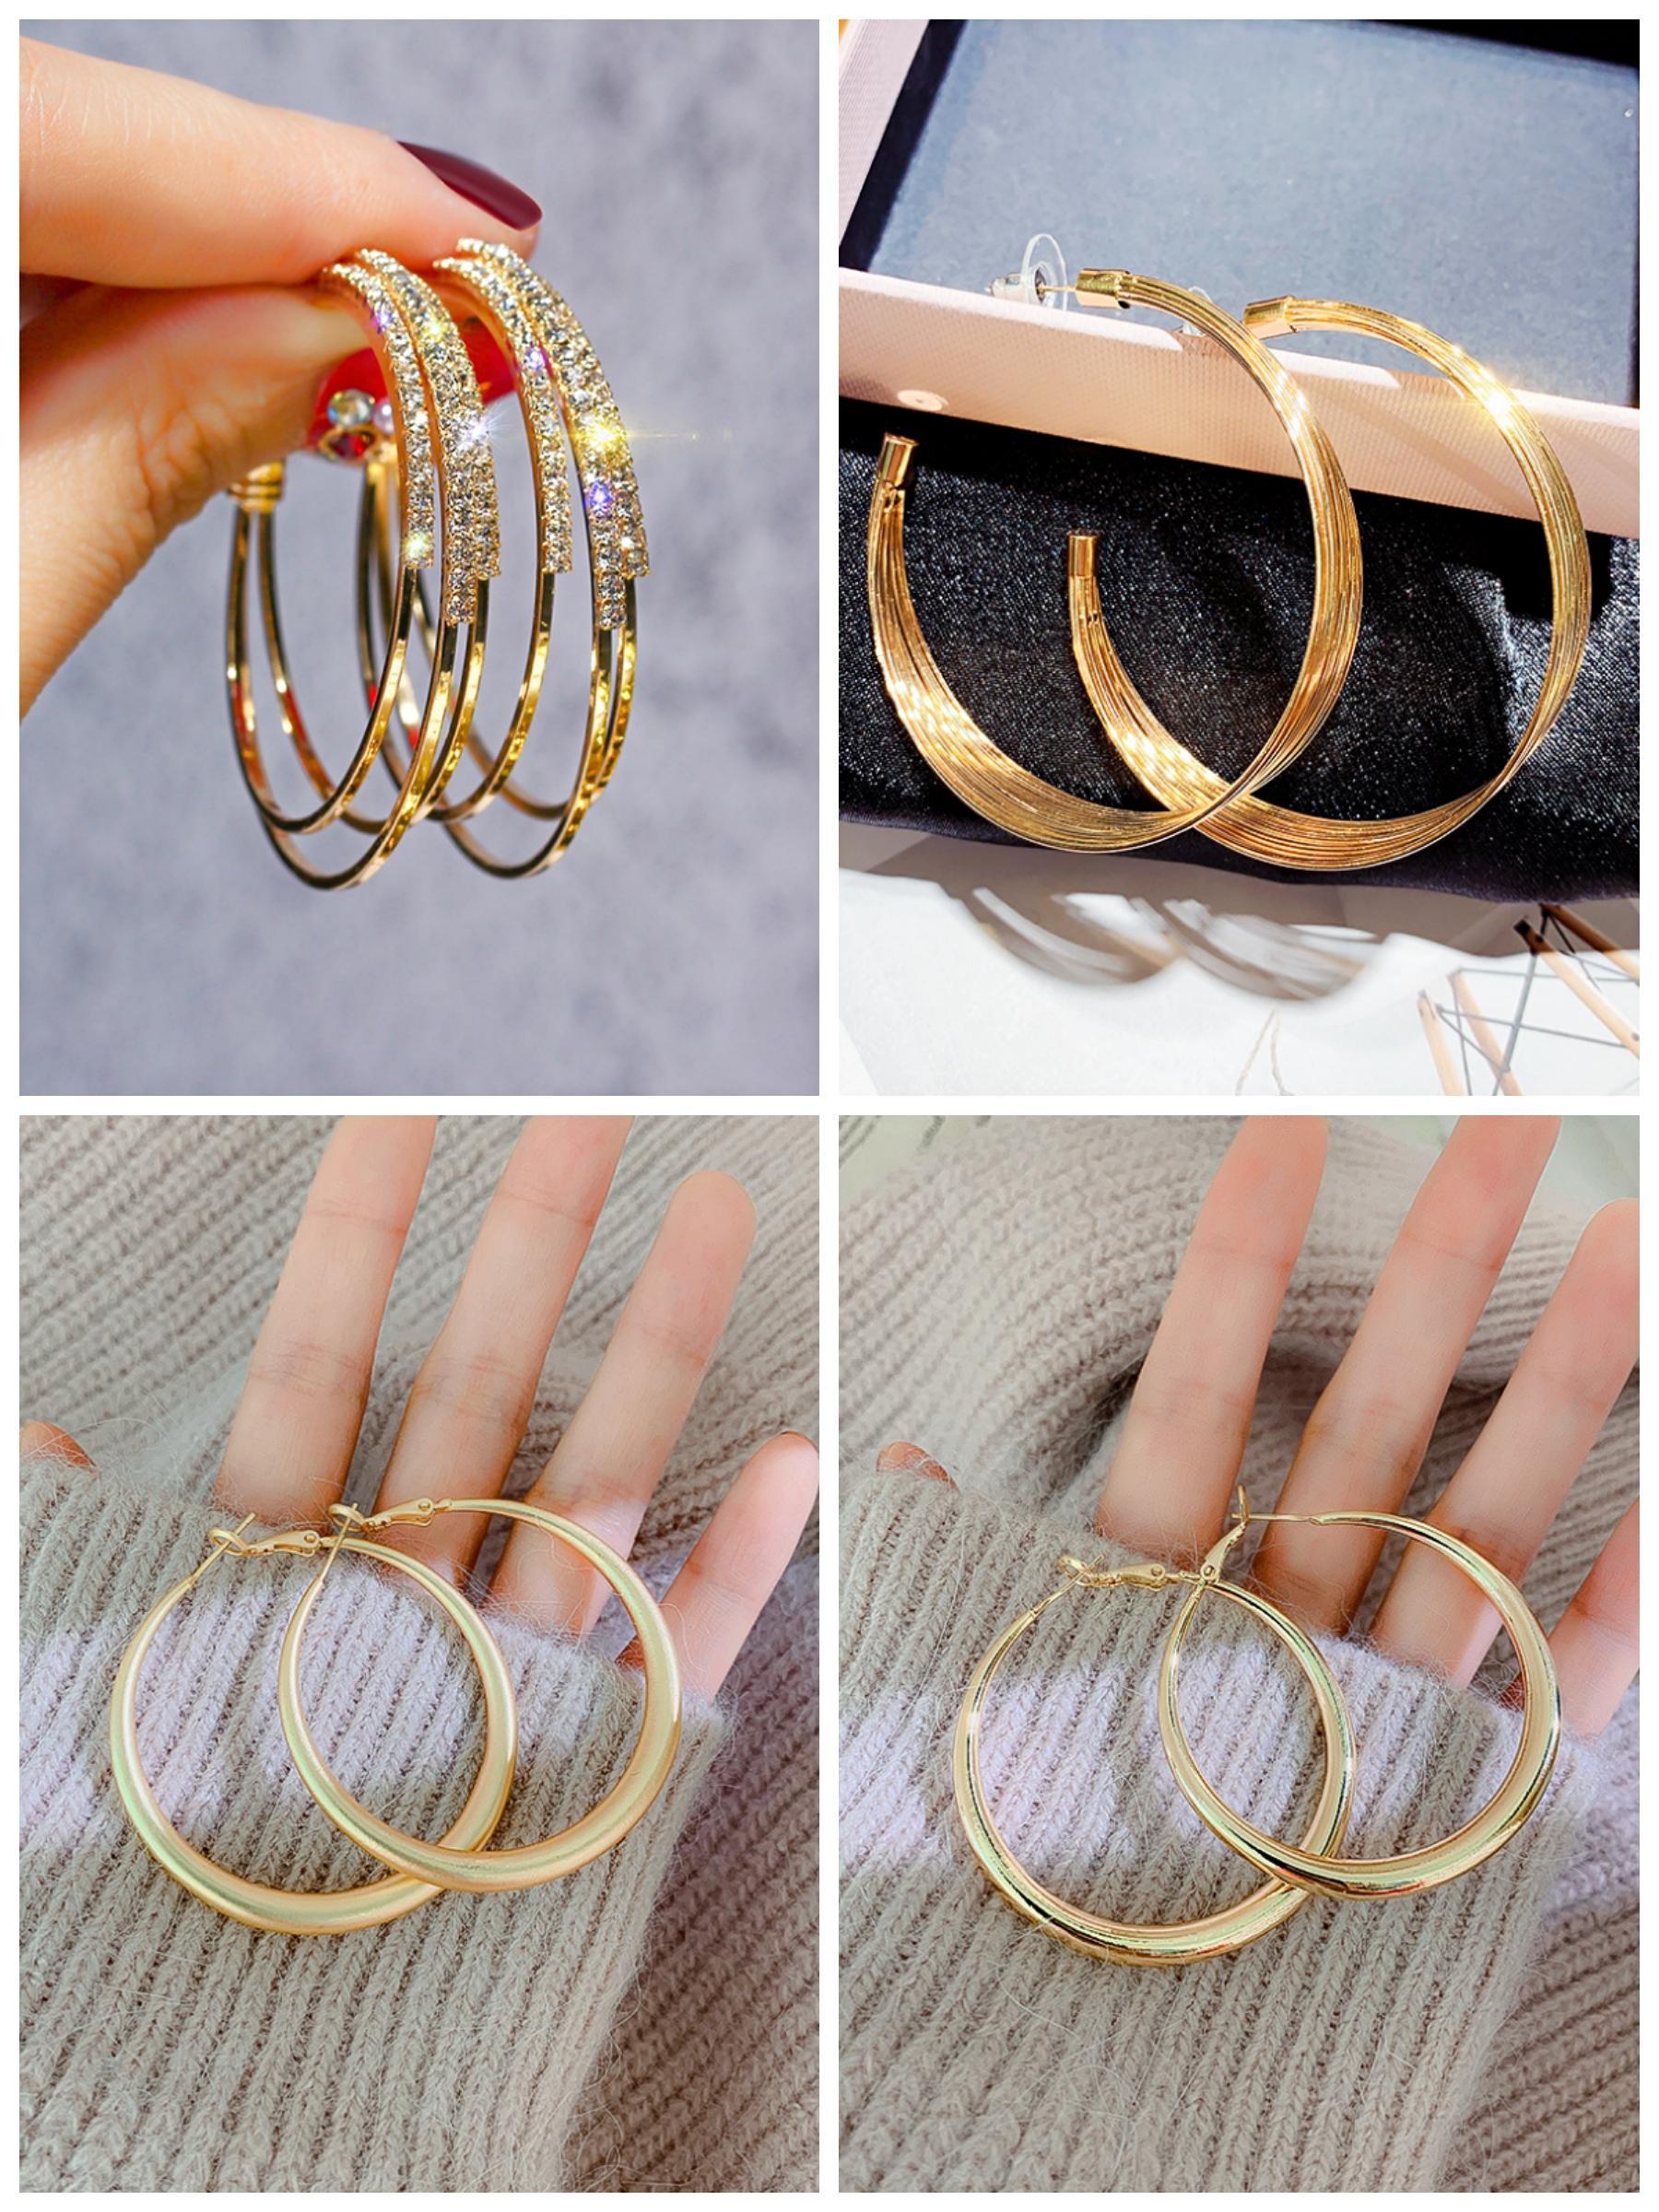 2020 جديد سحر مبيعات الساخنة أزياء المرأة الذهب والفضة الأقراط حلقة جودة سبائك والمجوهرات بالجملة